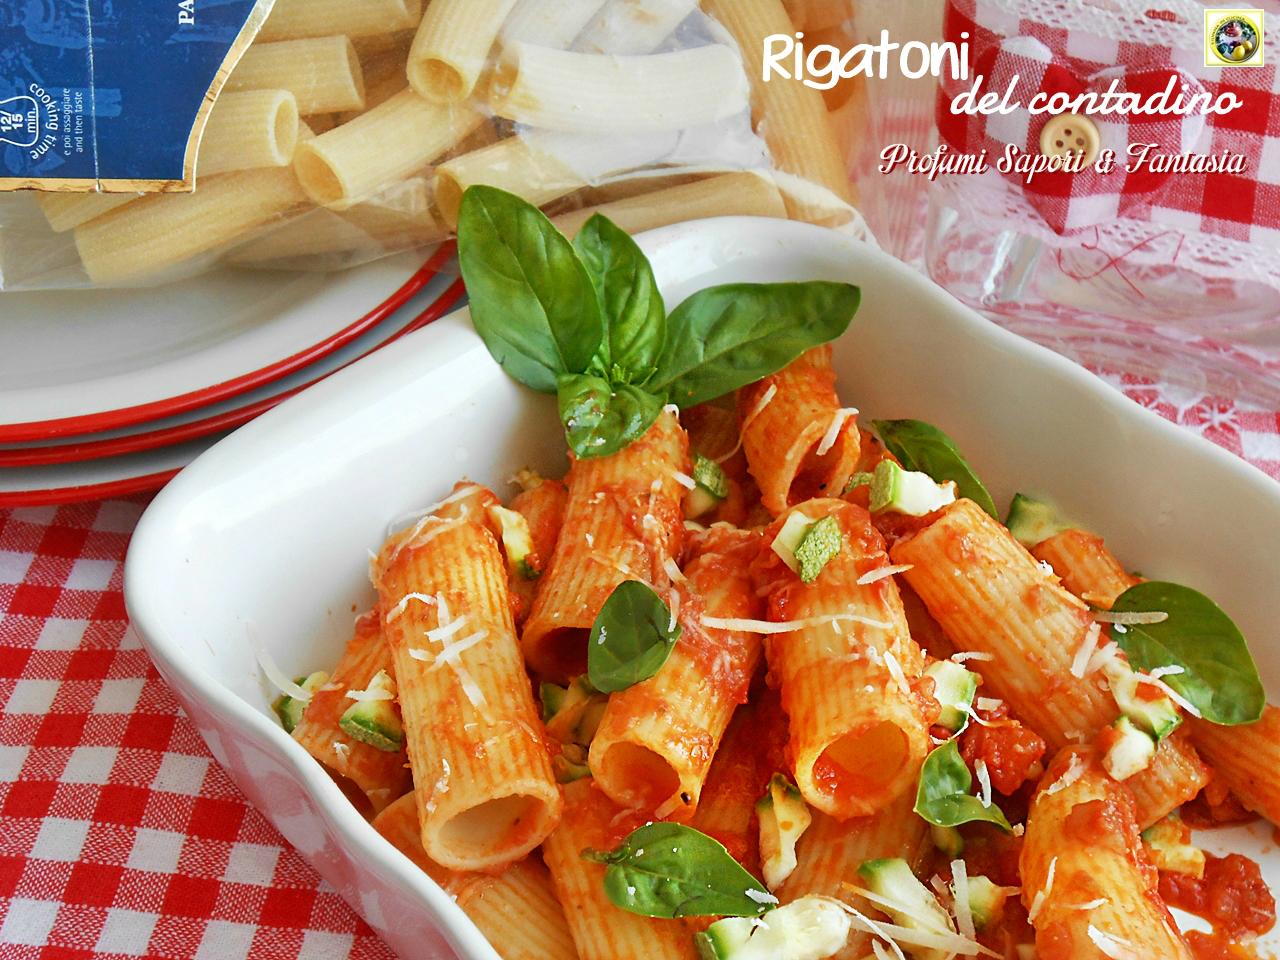 Rigatoni del contadino con zucchine a crudo Blog Profumi Sapori & Fantasia